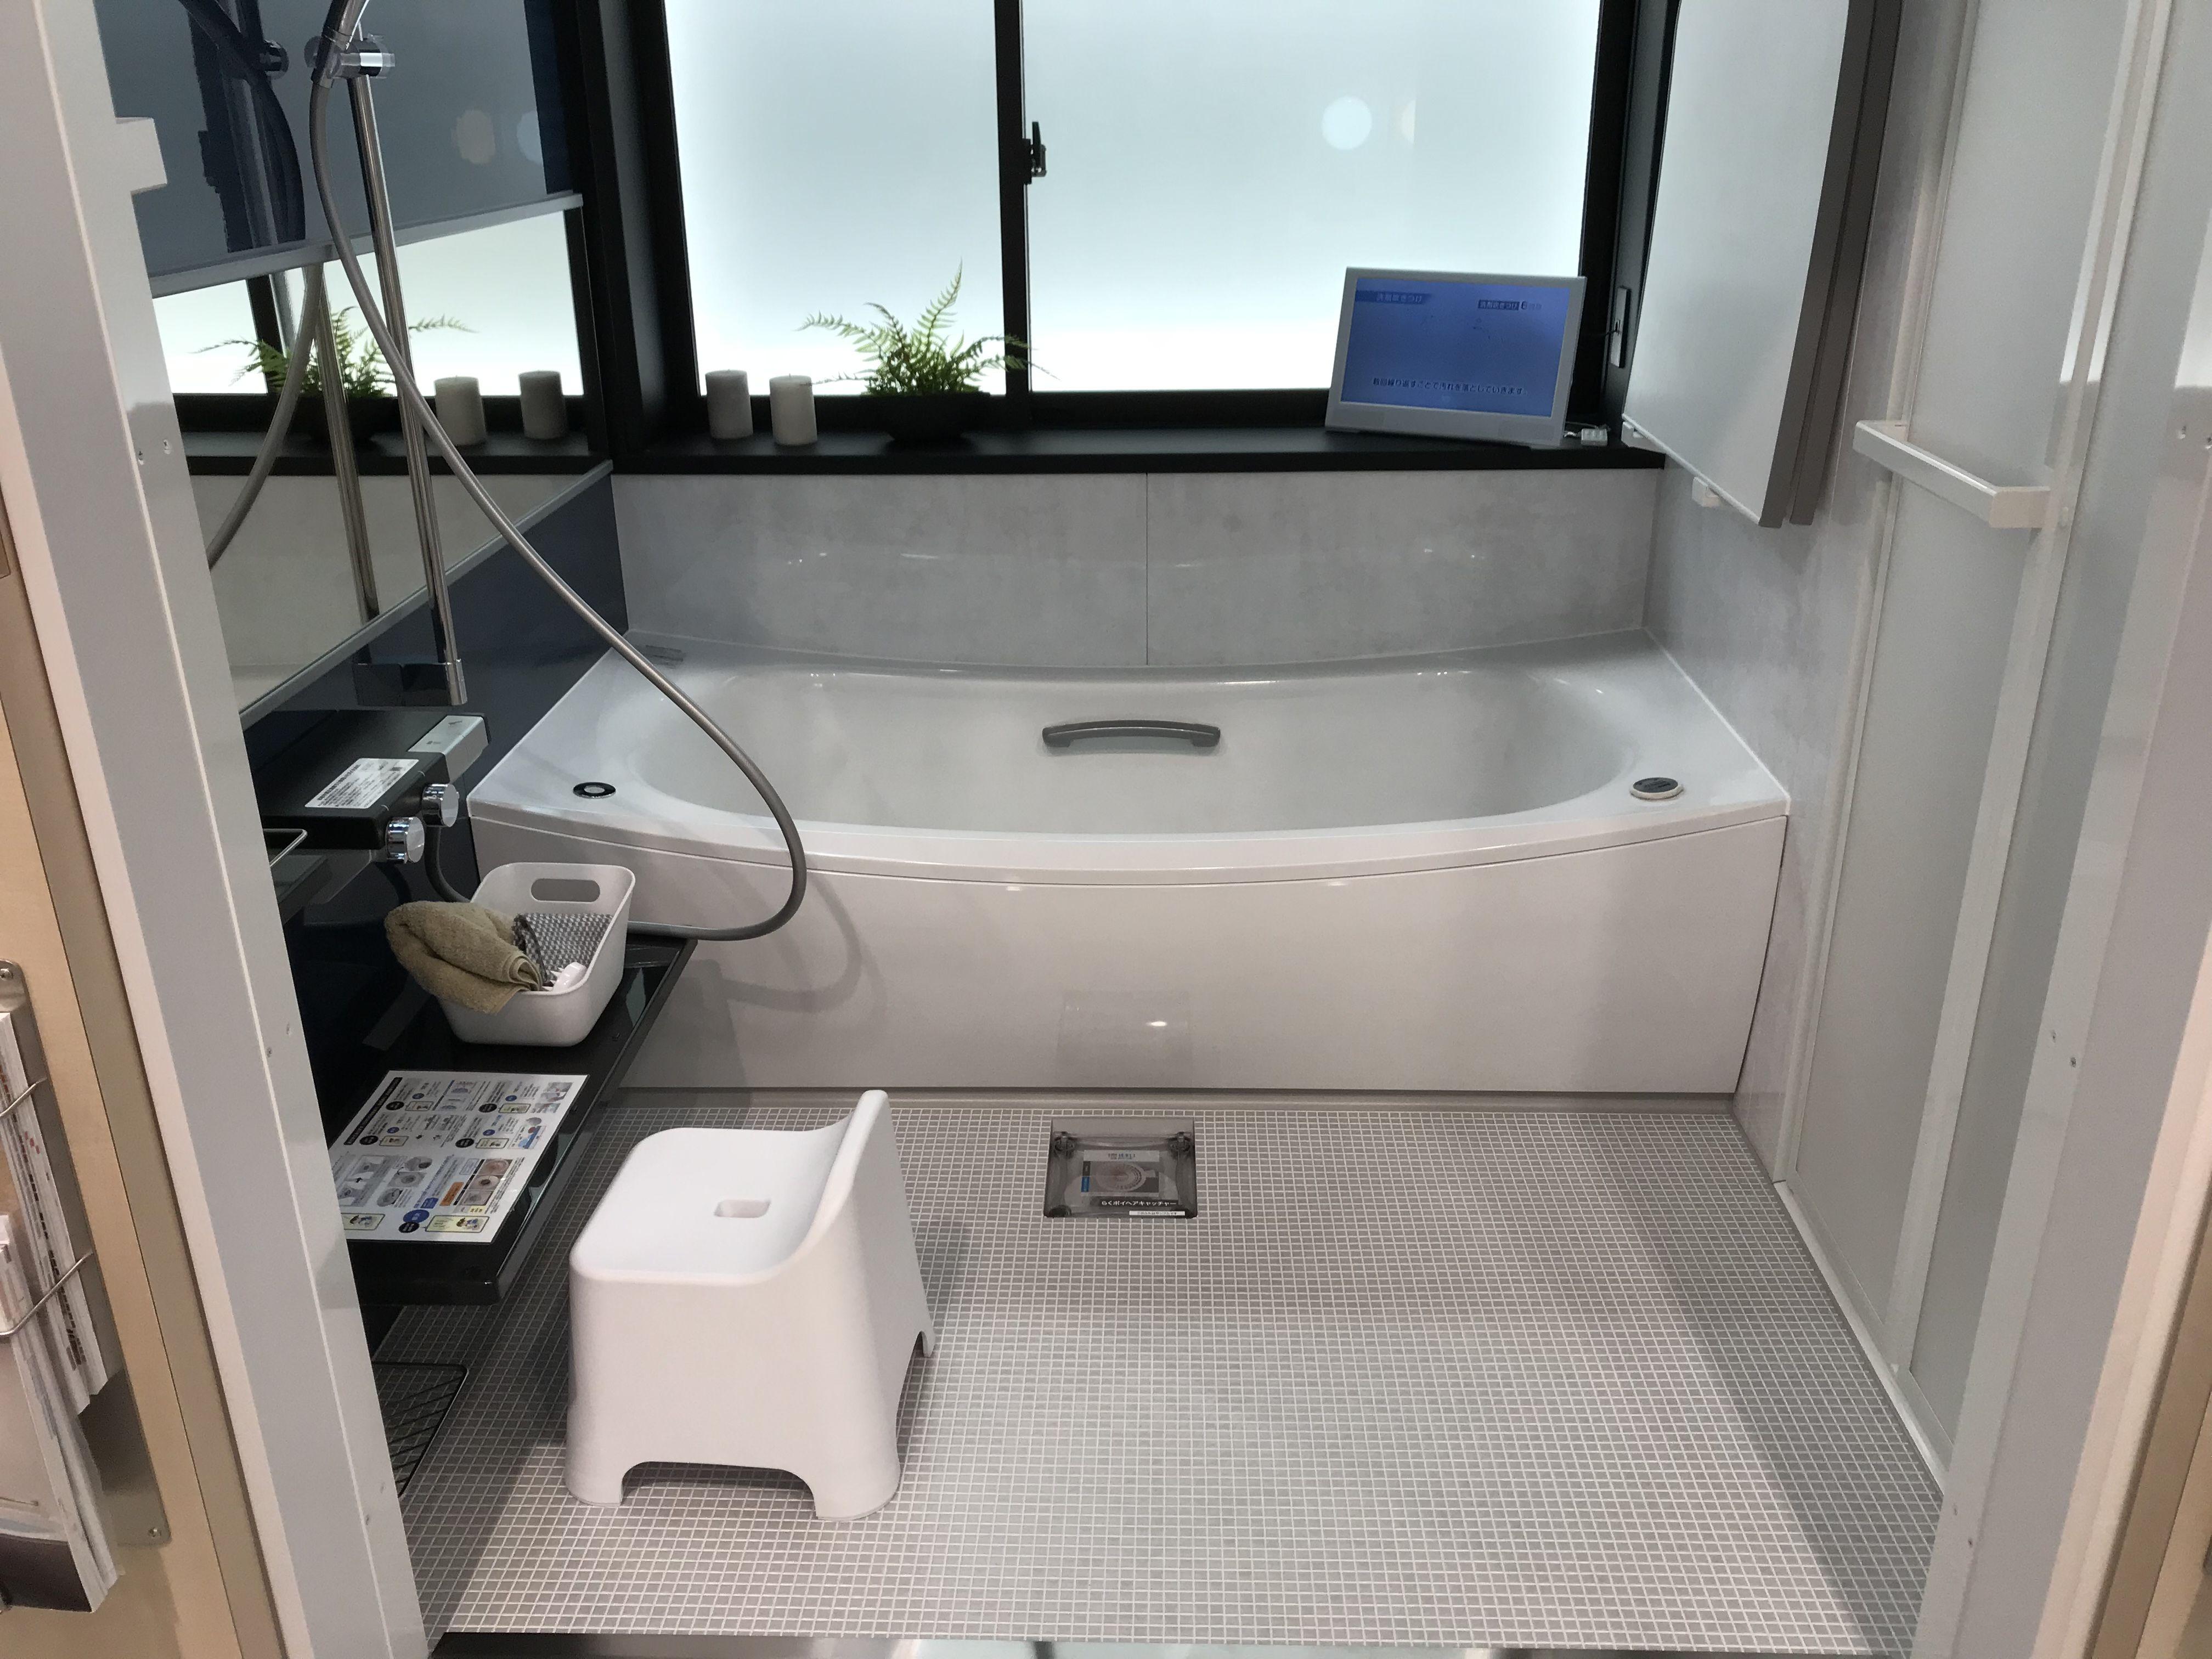 Lixil アライズ の浴槽エプロンは外して洗わないとヤバい 外し方や掃除は簡単 浴槽 アライズ エプロン